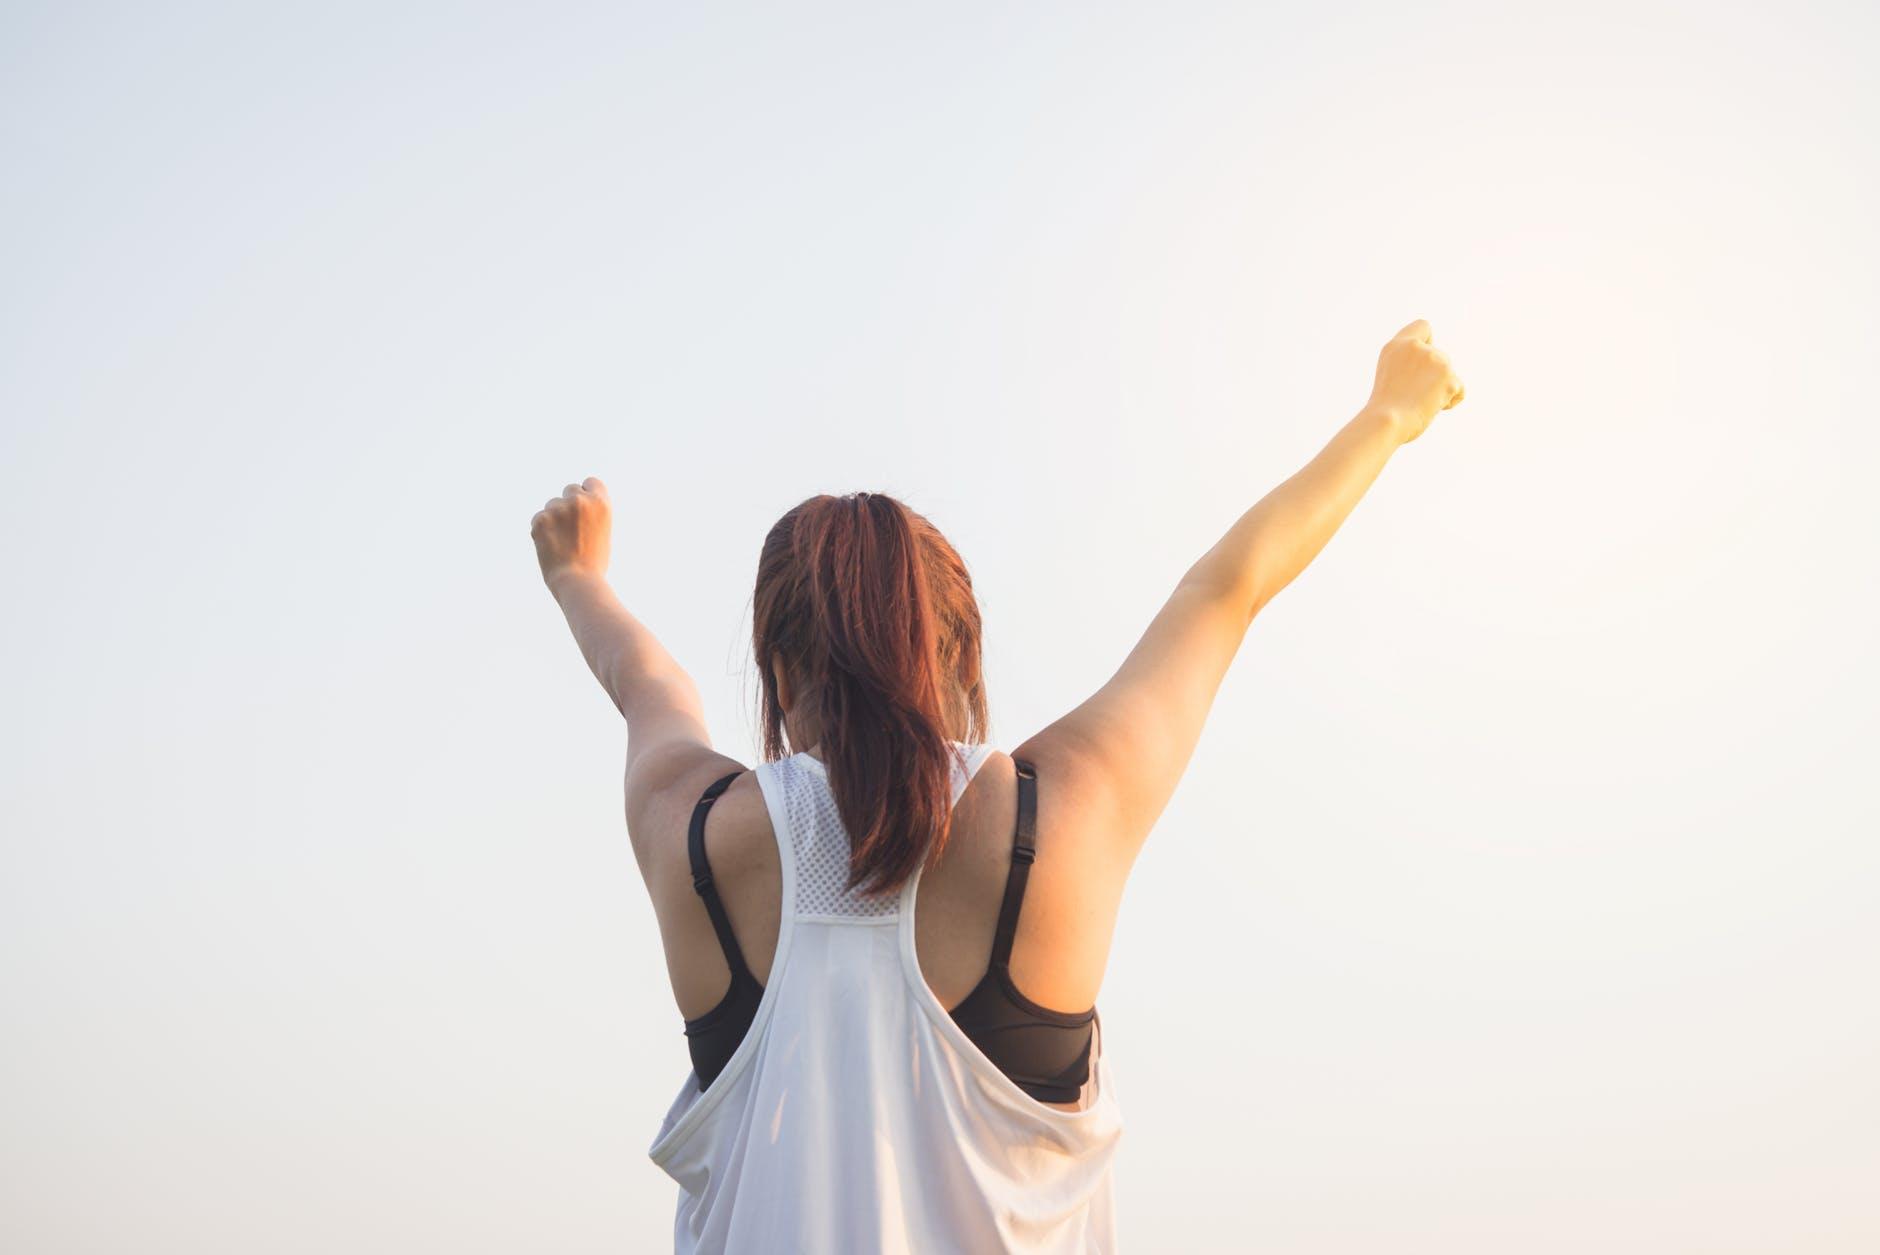 Get your motivation back on track.